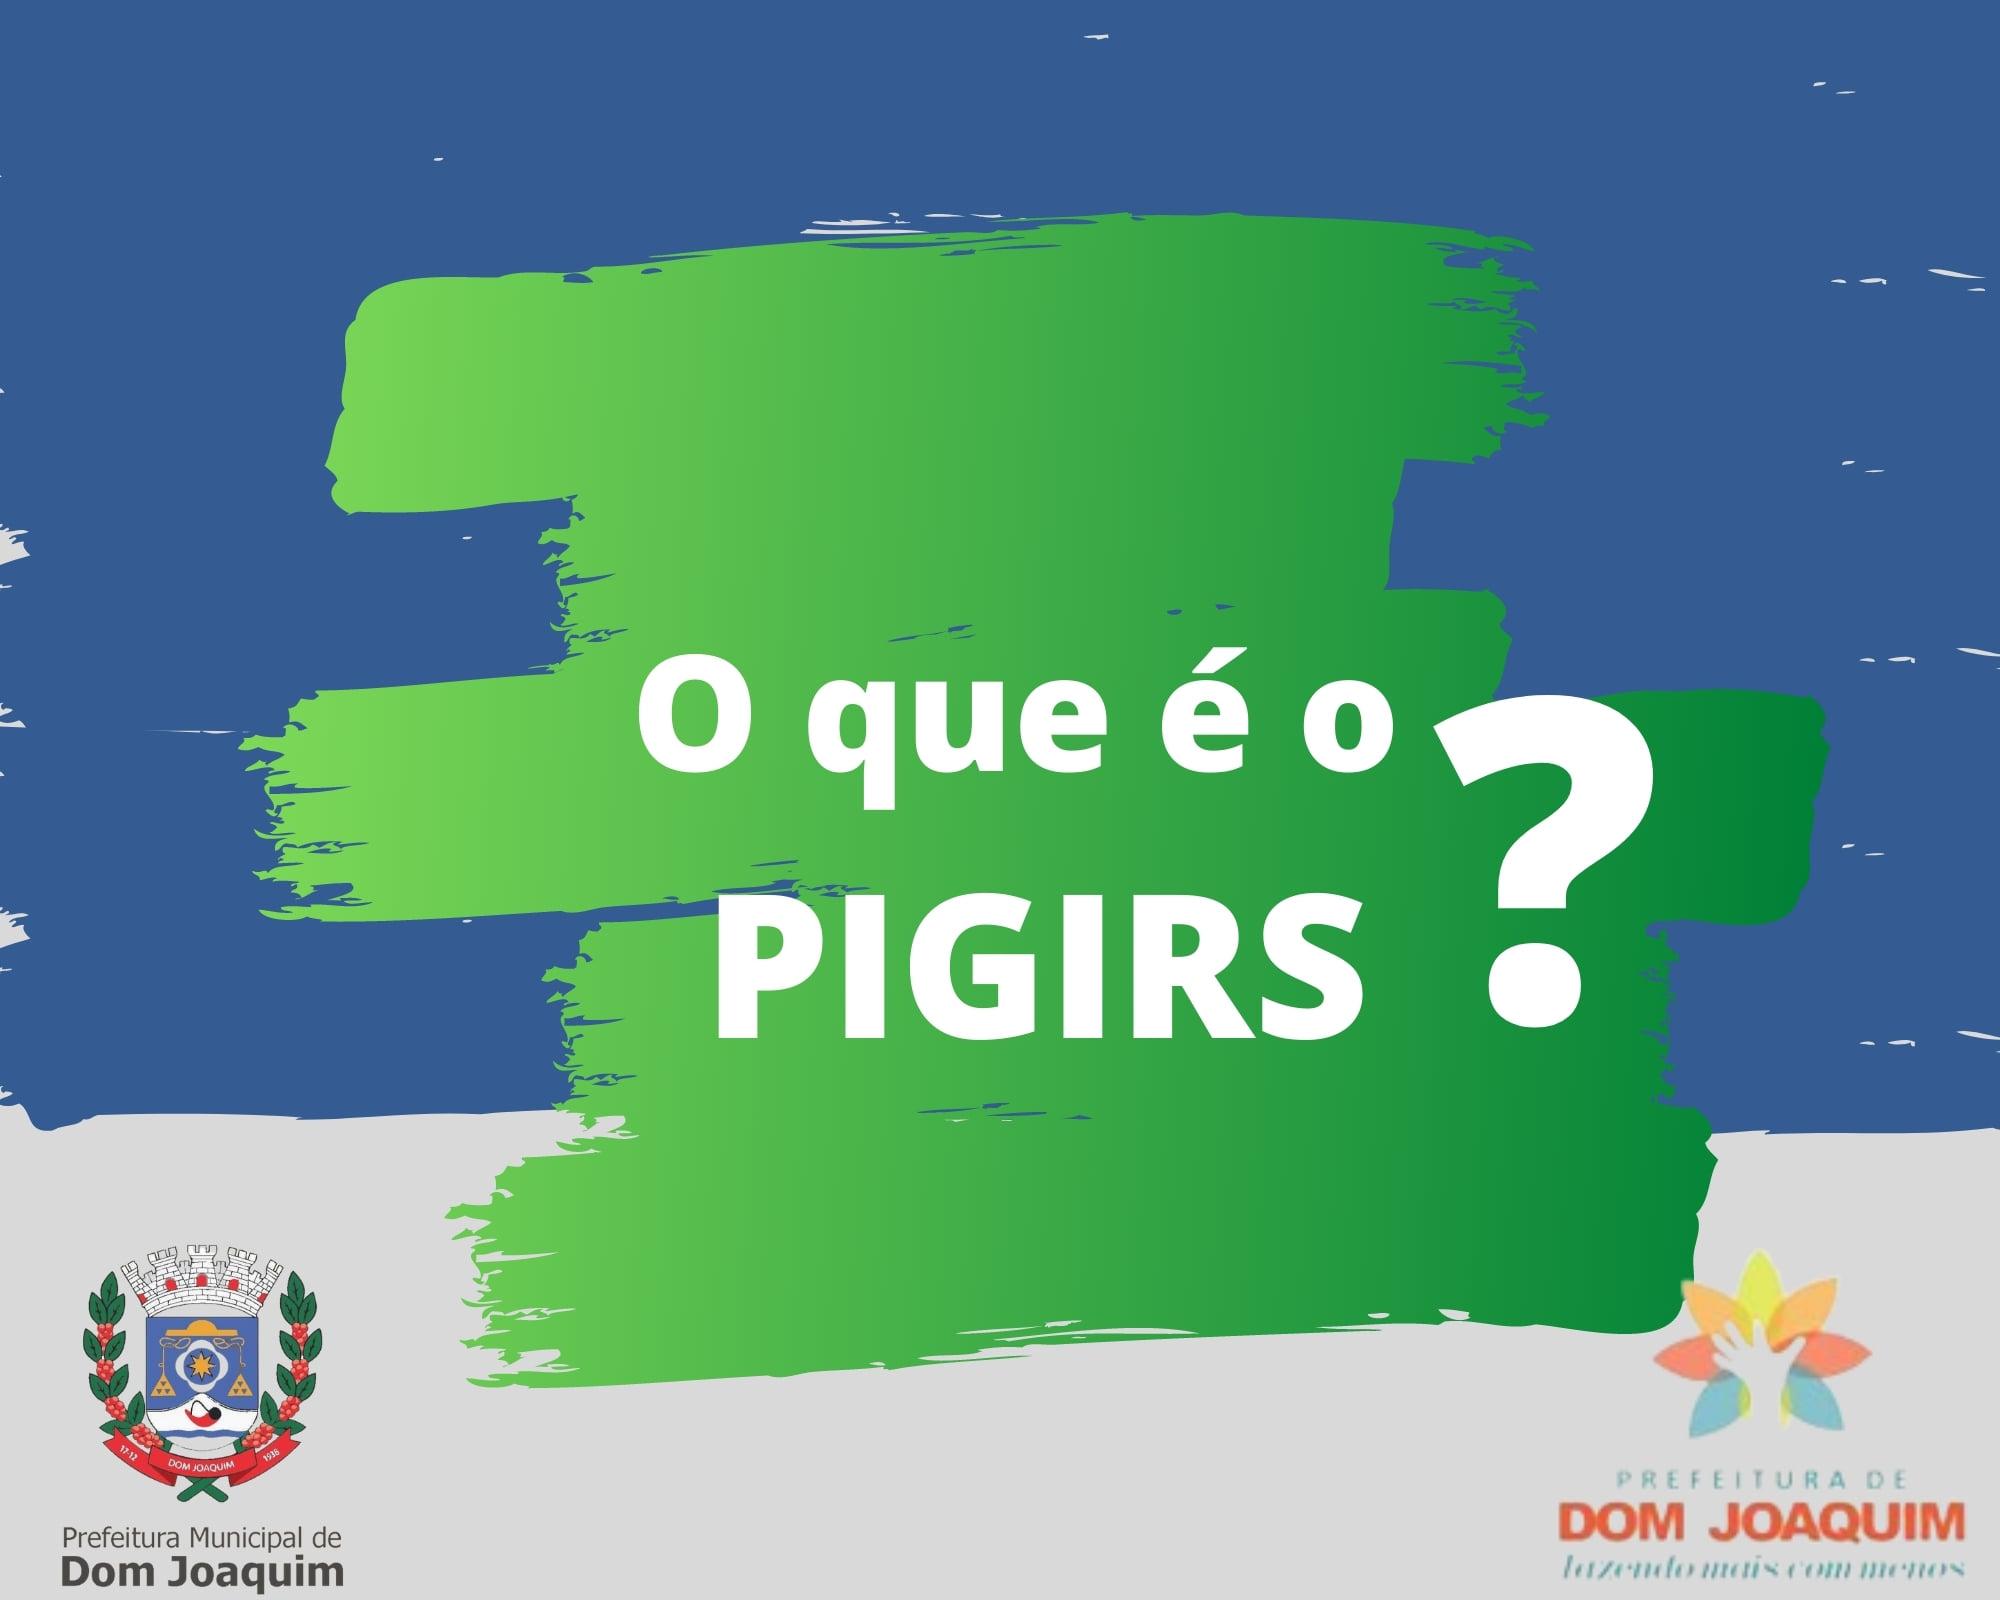 1º Oficina de sensibilização do PIGIRS